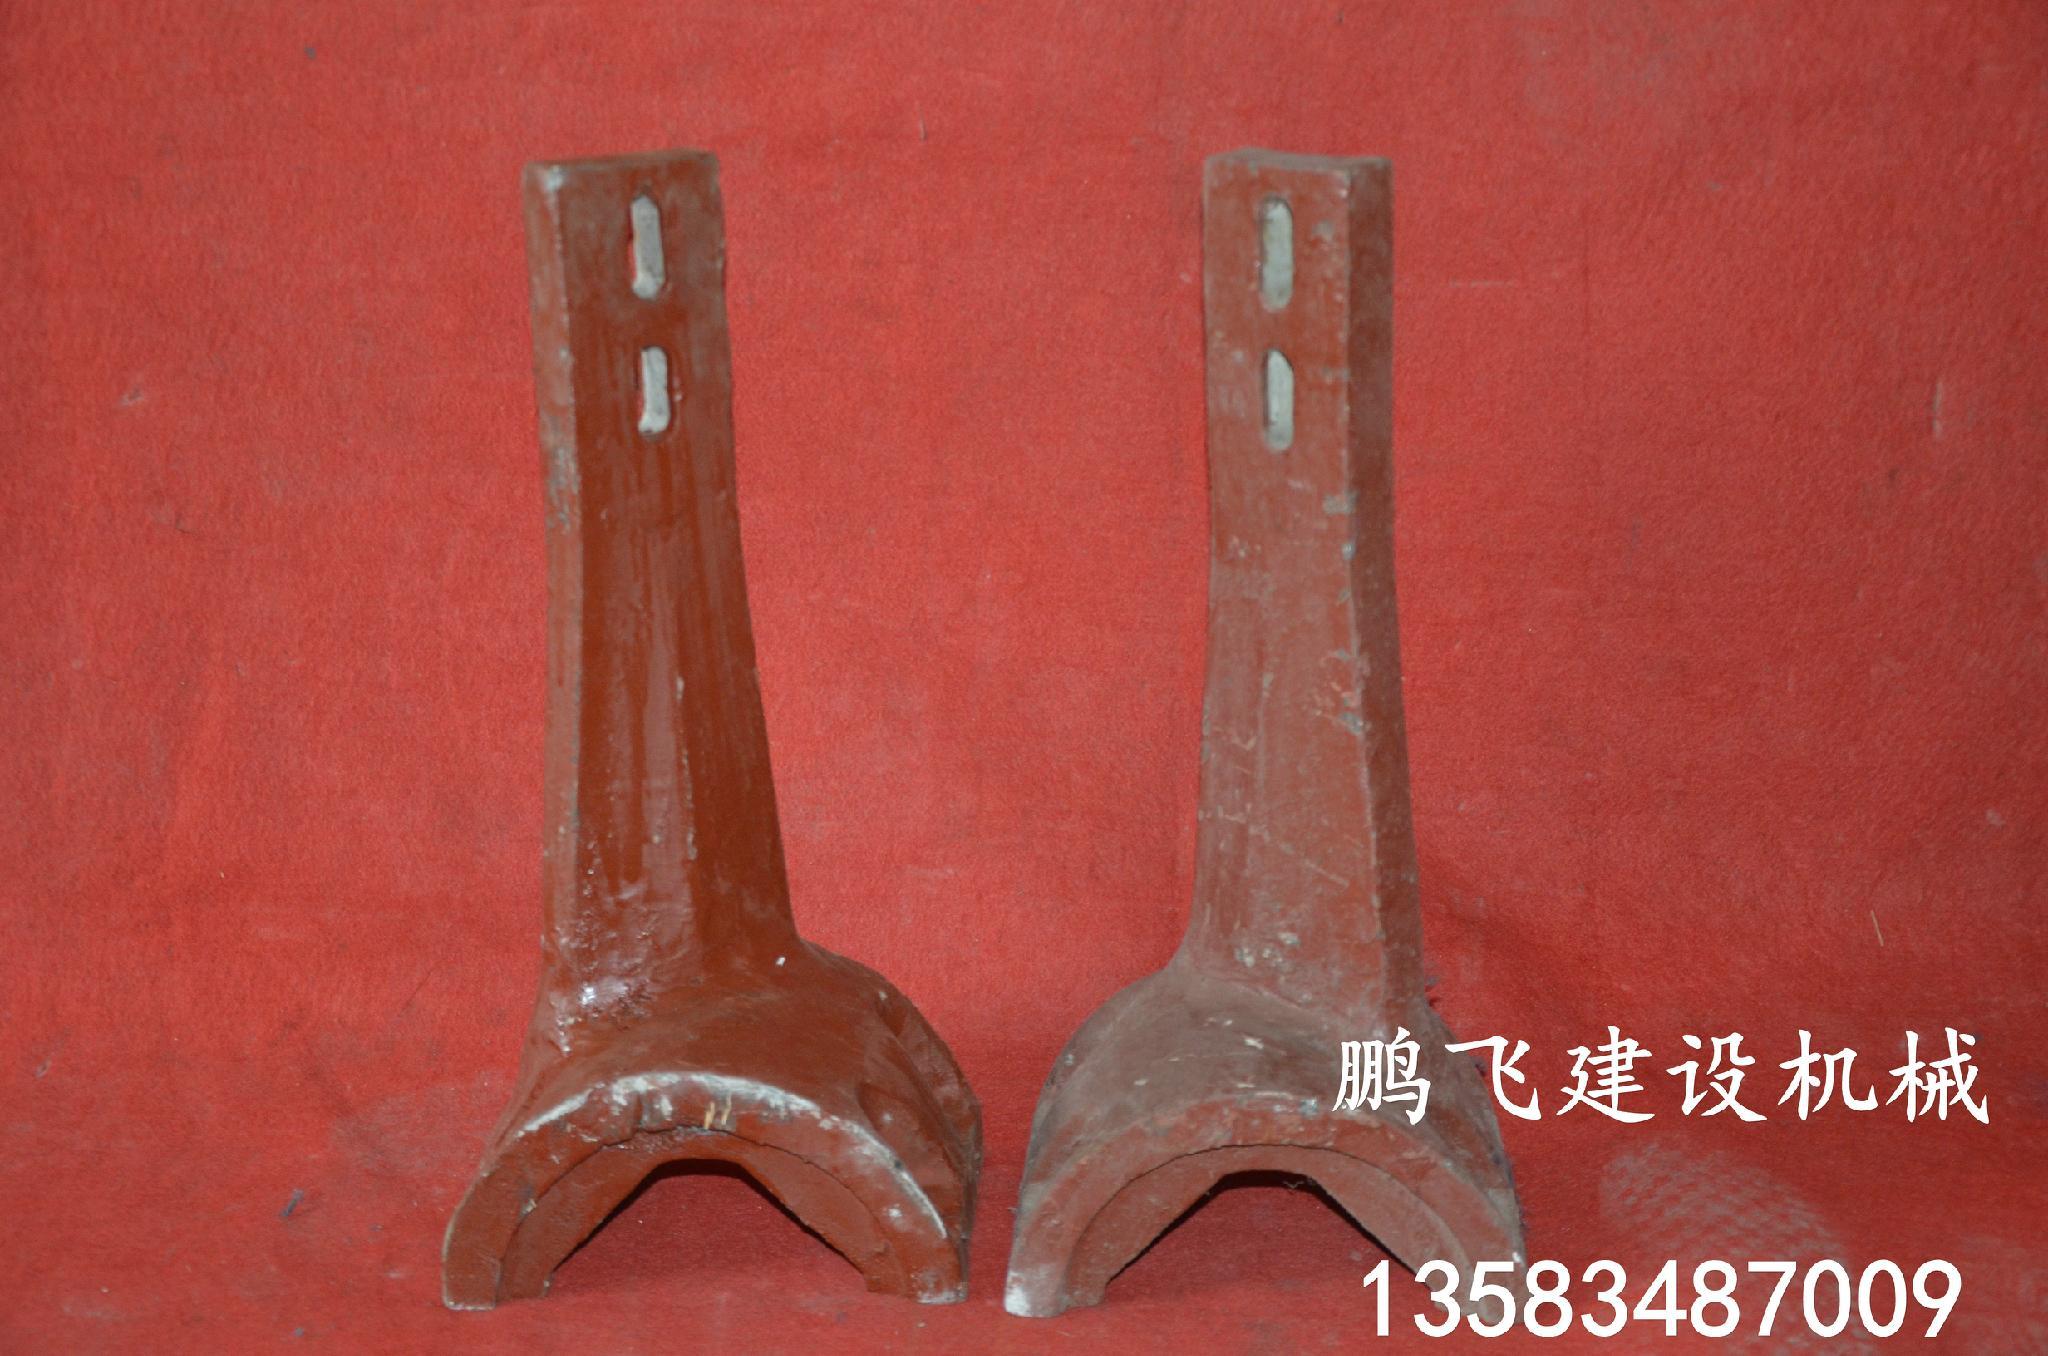 廠家直銷砼攪拌機配件方圓500-2000  5